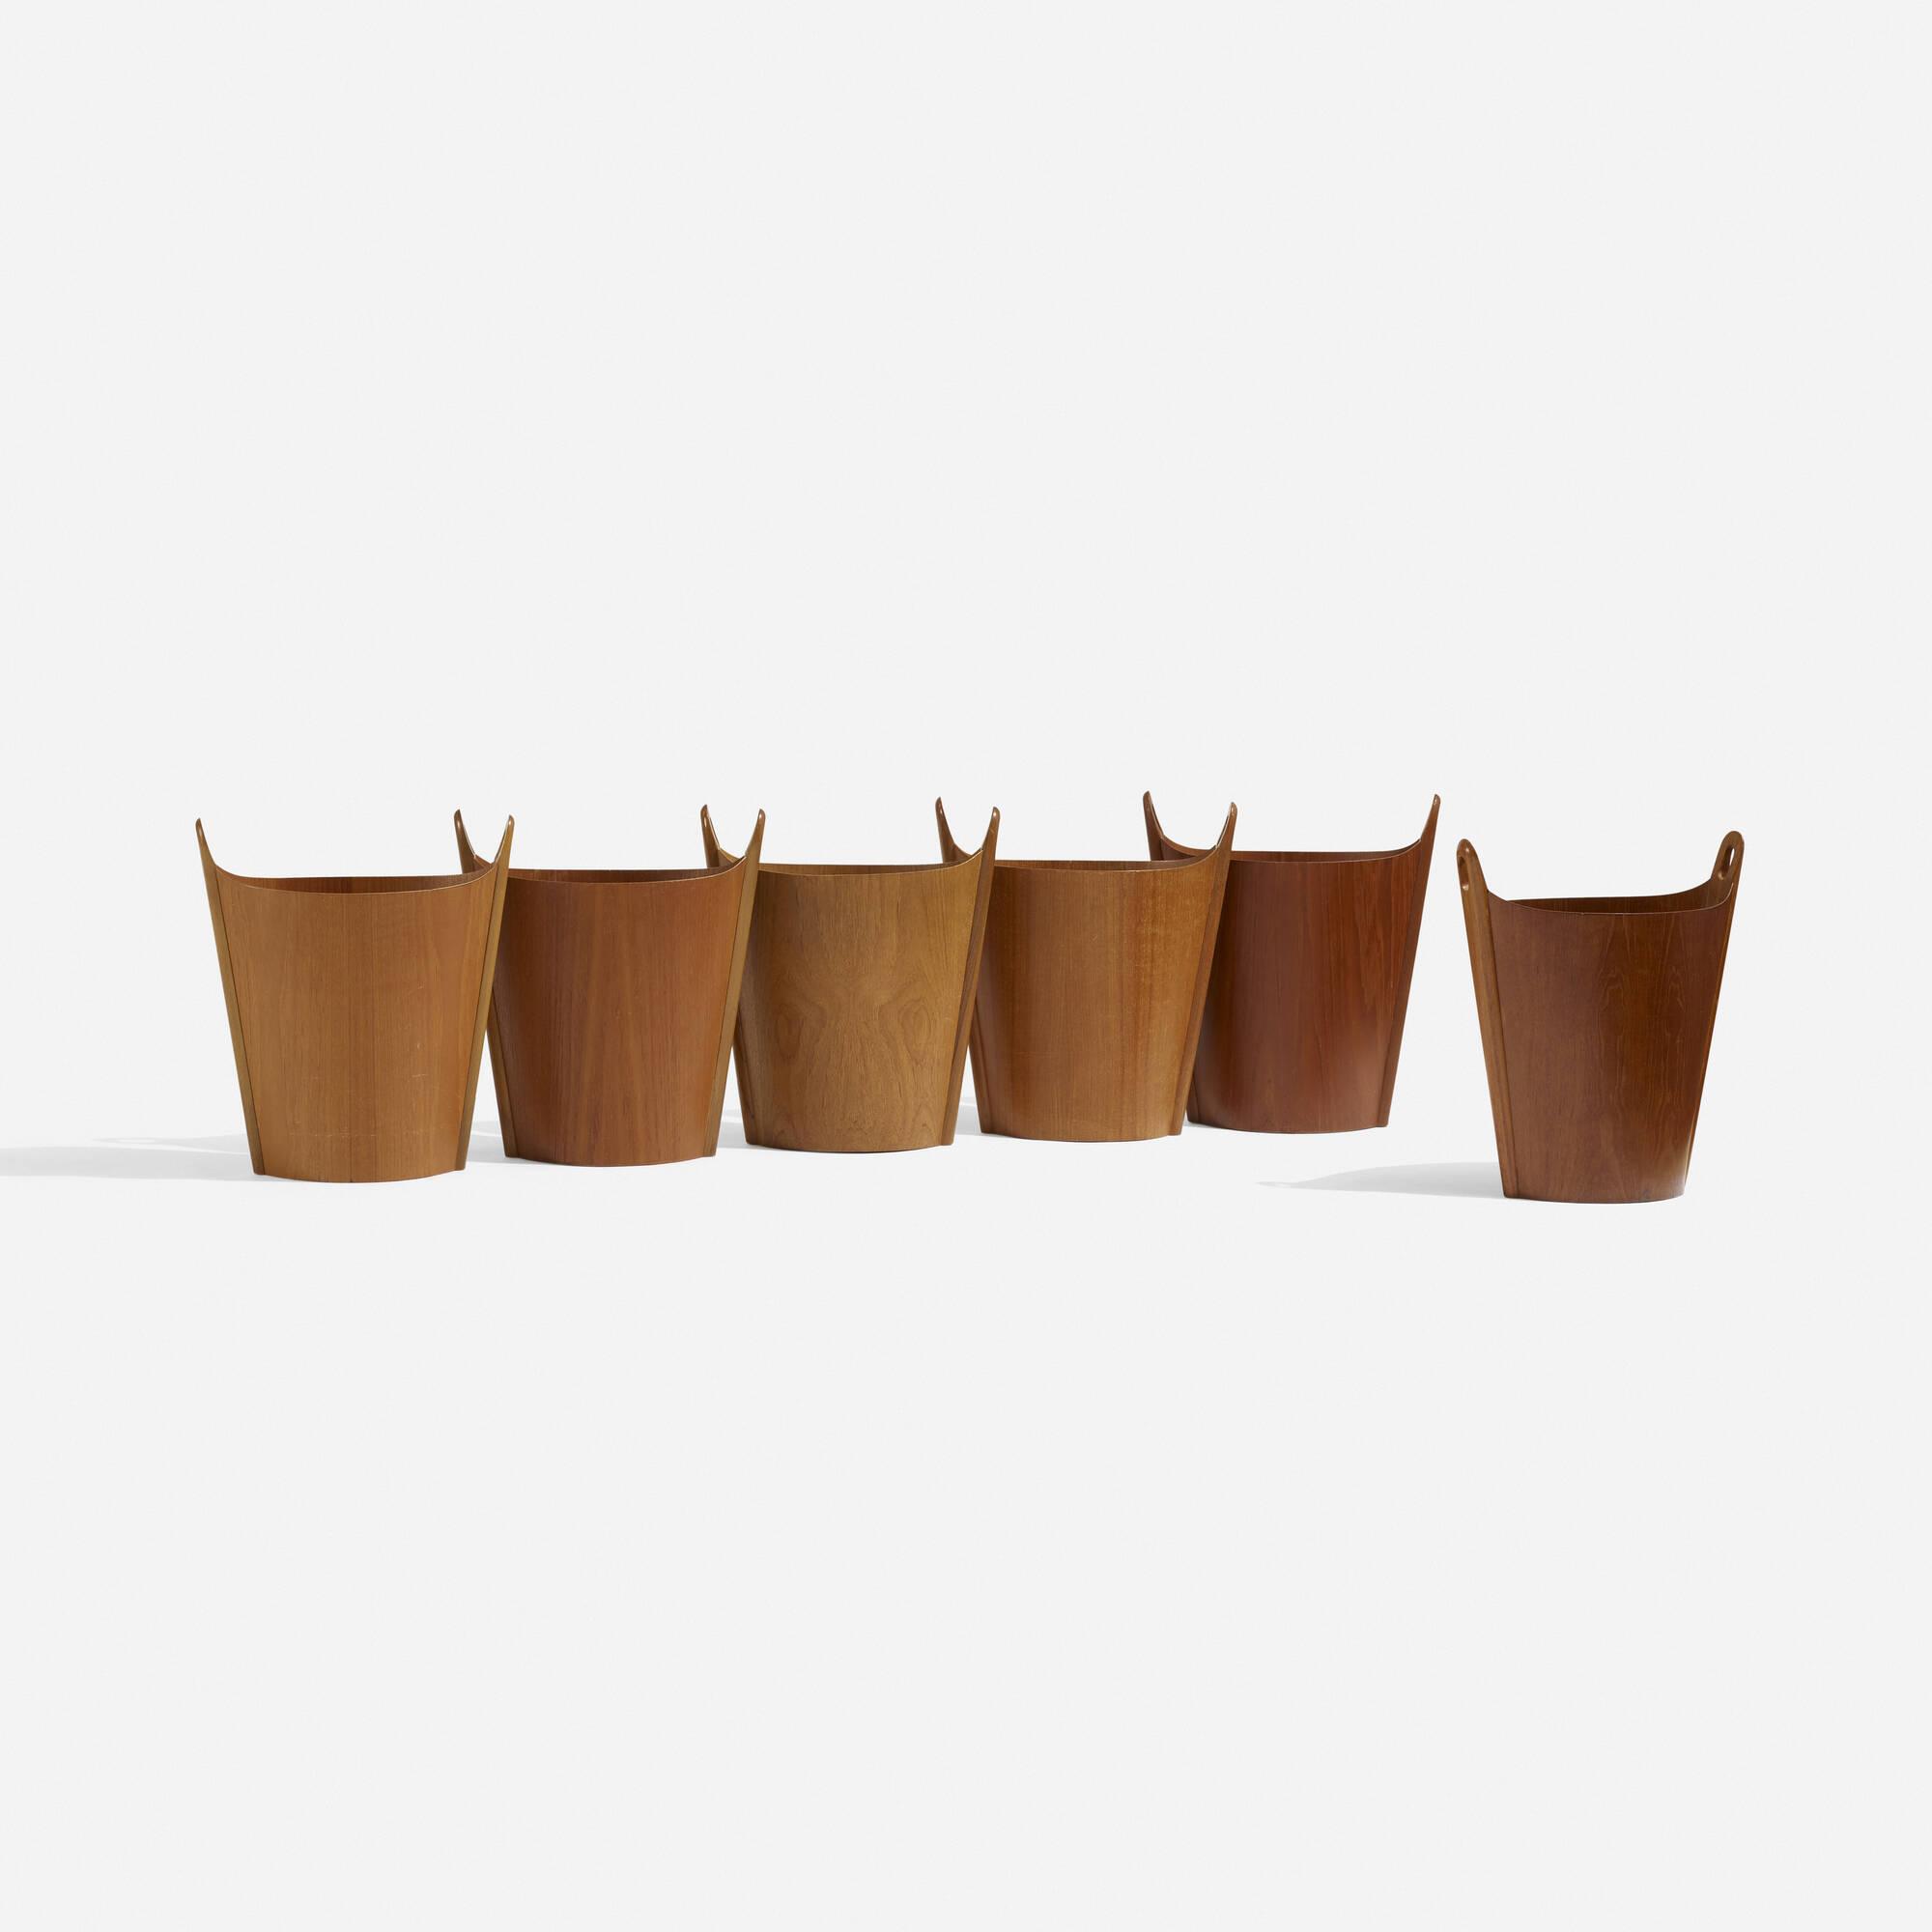 185: P.S. Heggen / wastepaper baskets, set of six (3 of 4)